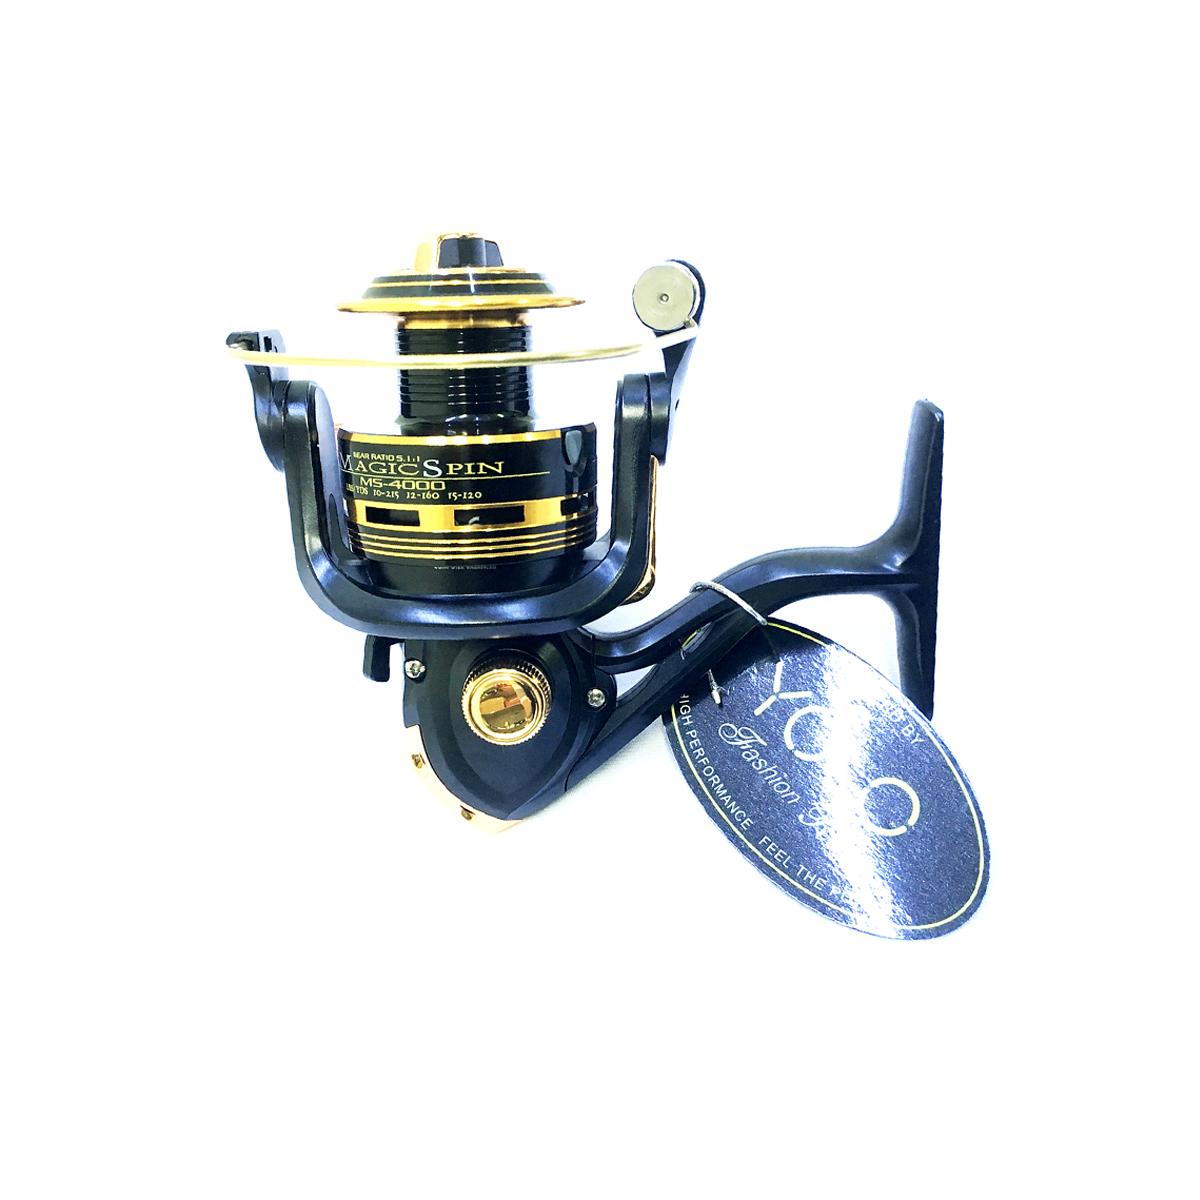 Máy Câu Cá Yolo Magic Spin MS4000 - Chính hãng bảo hành 3 tháng